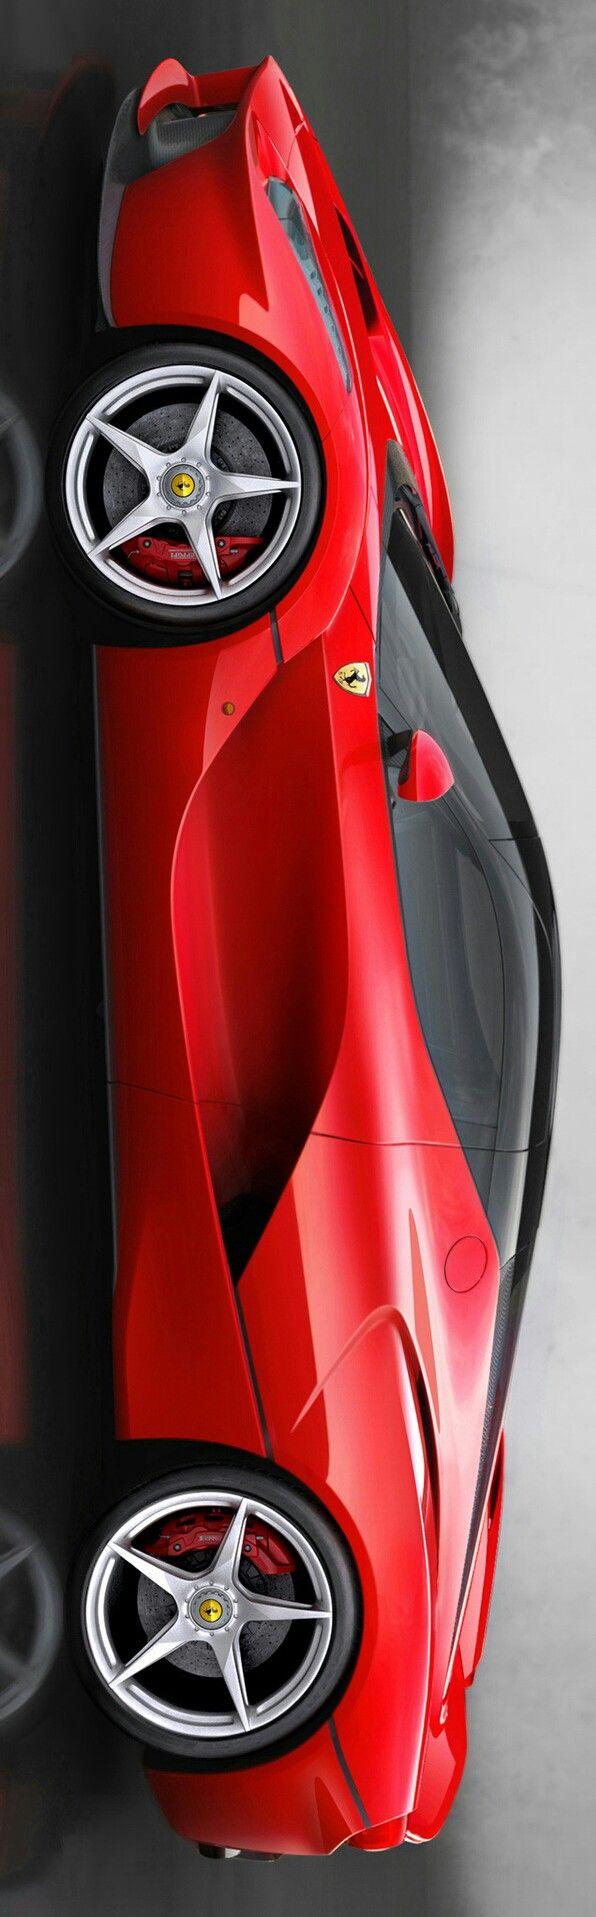 Ferrari LaFerrari by Levon                                                                                                                                                                                 More